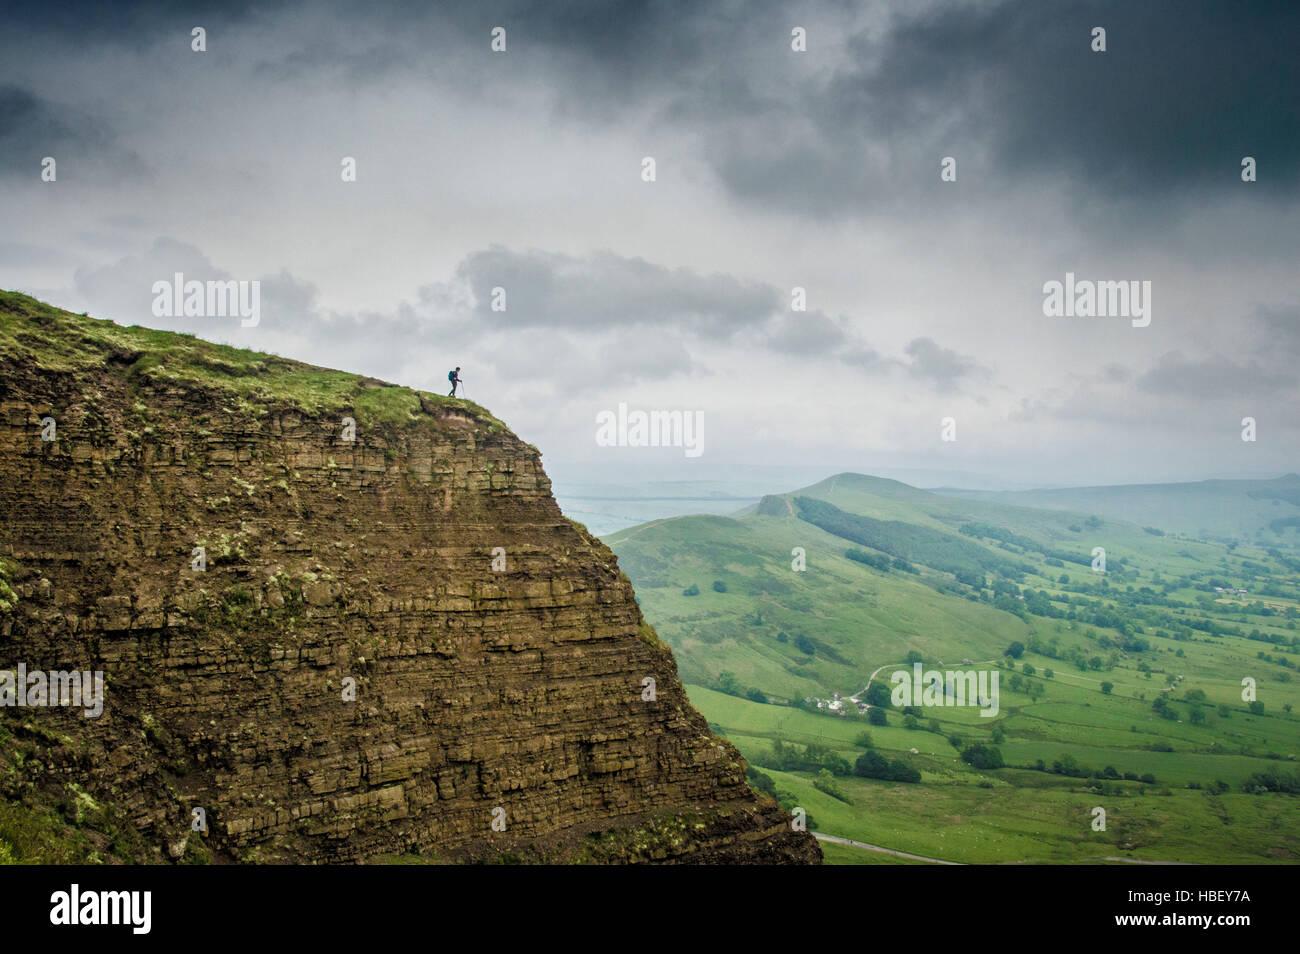 Walker on hill, Peak District, Derbyshire, UK. - Stock Image